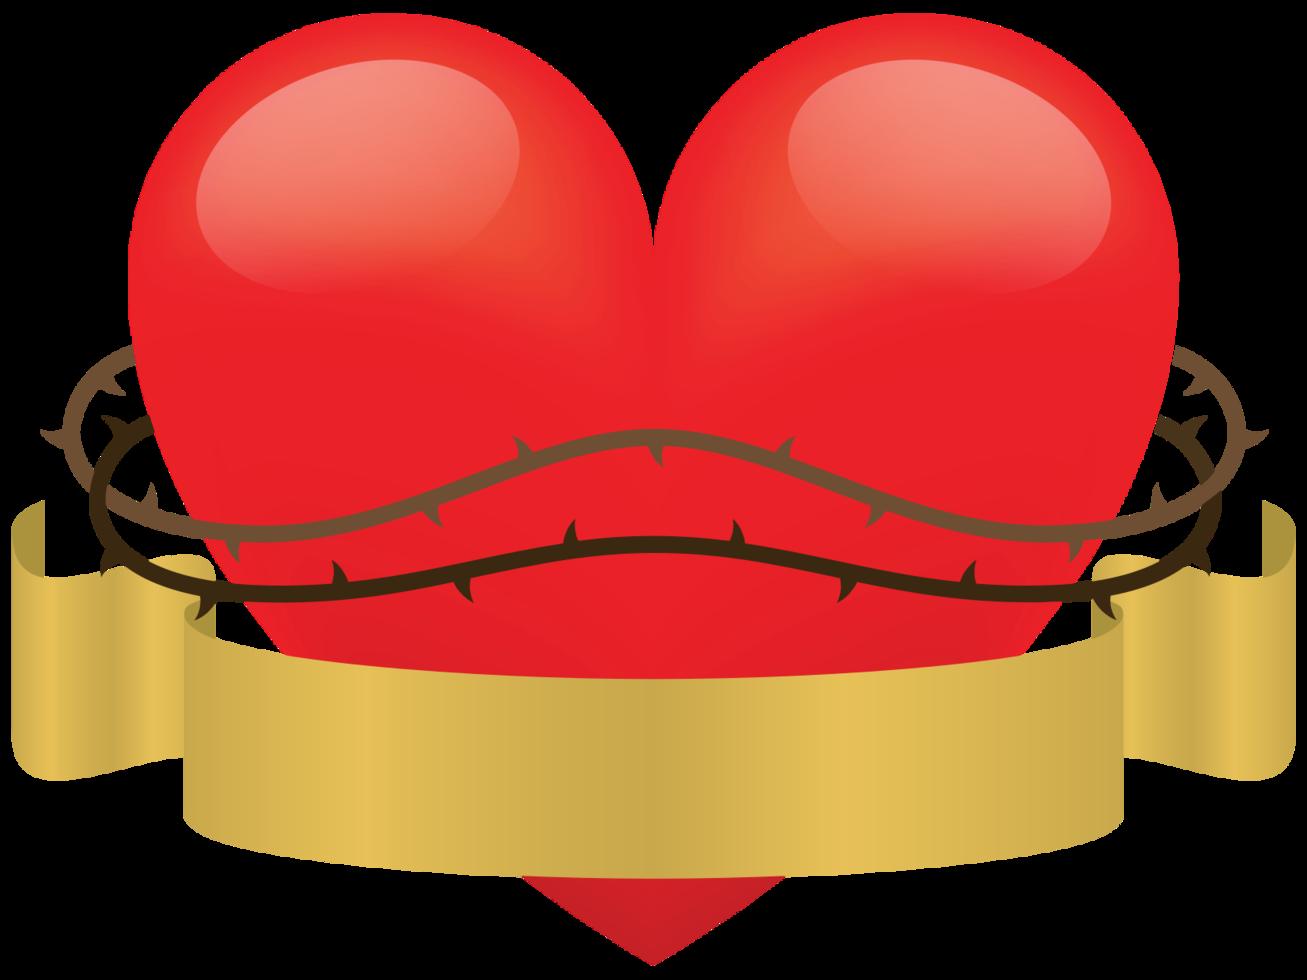 sagrado Corazón png